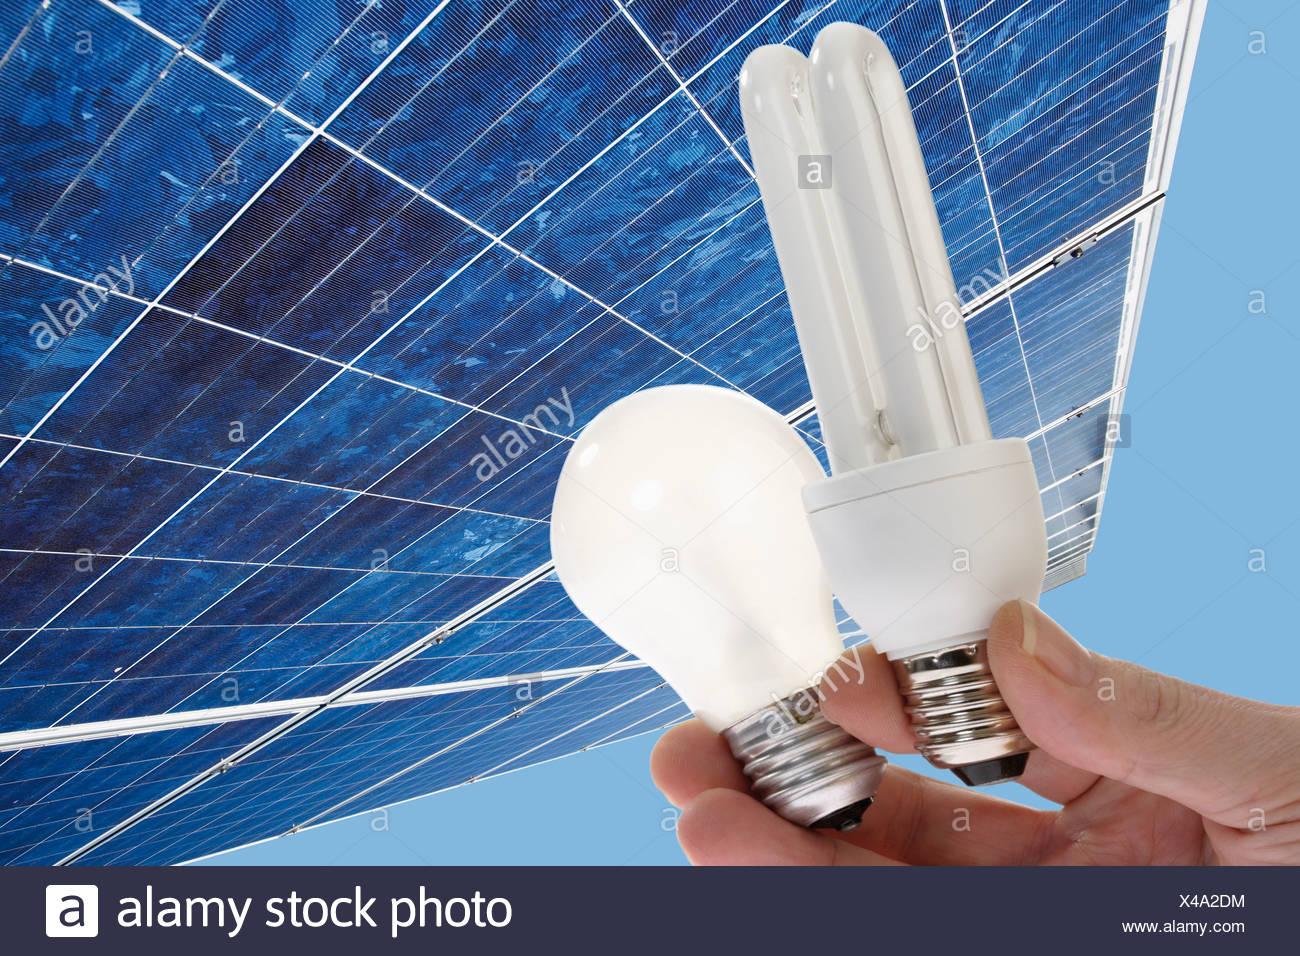 La mano que sujeta el ahorro de energía, la bombilla de luz contra un panel solar, de cerca. Imagen De Stock